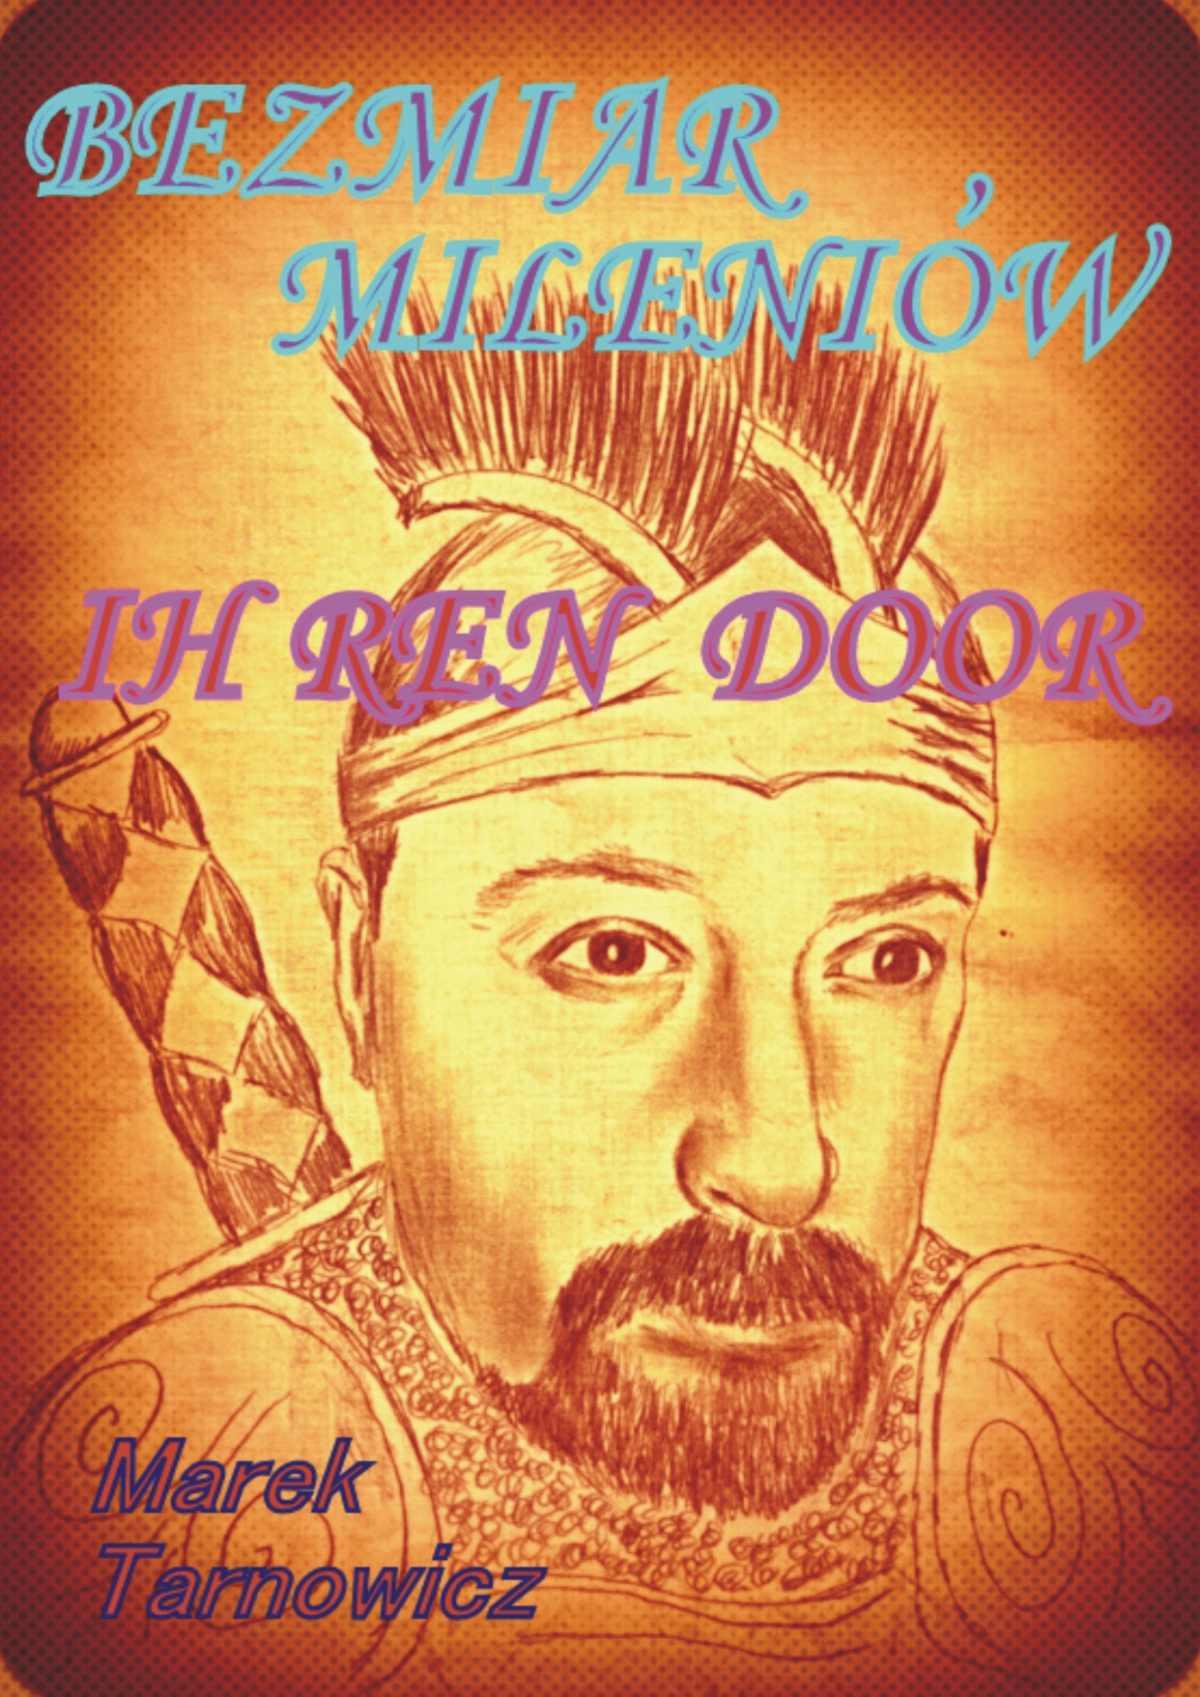 Bezmiar Mileniów. Ih Ren door - Ebook (Książka EPUB) do pobrania w formacie EPUB